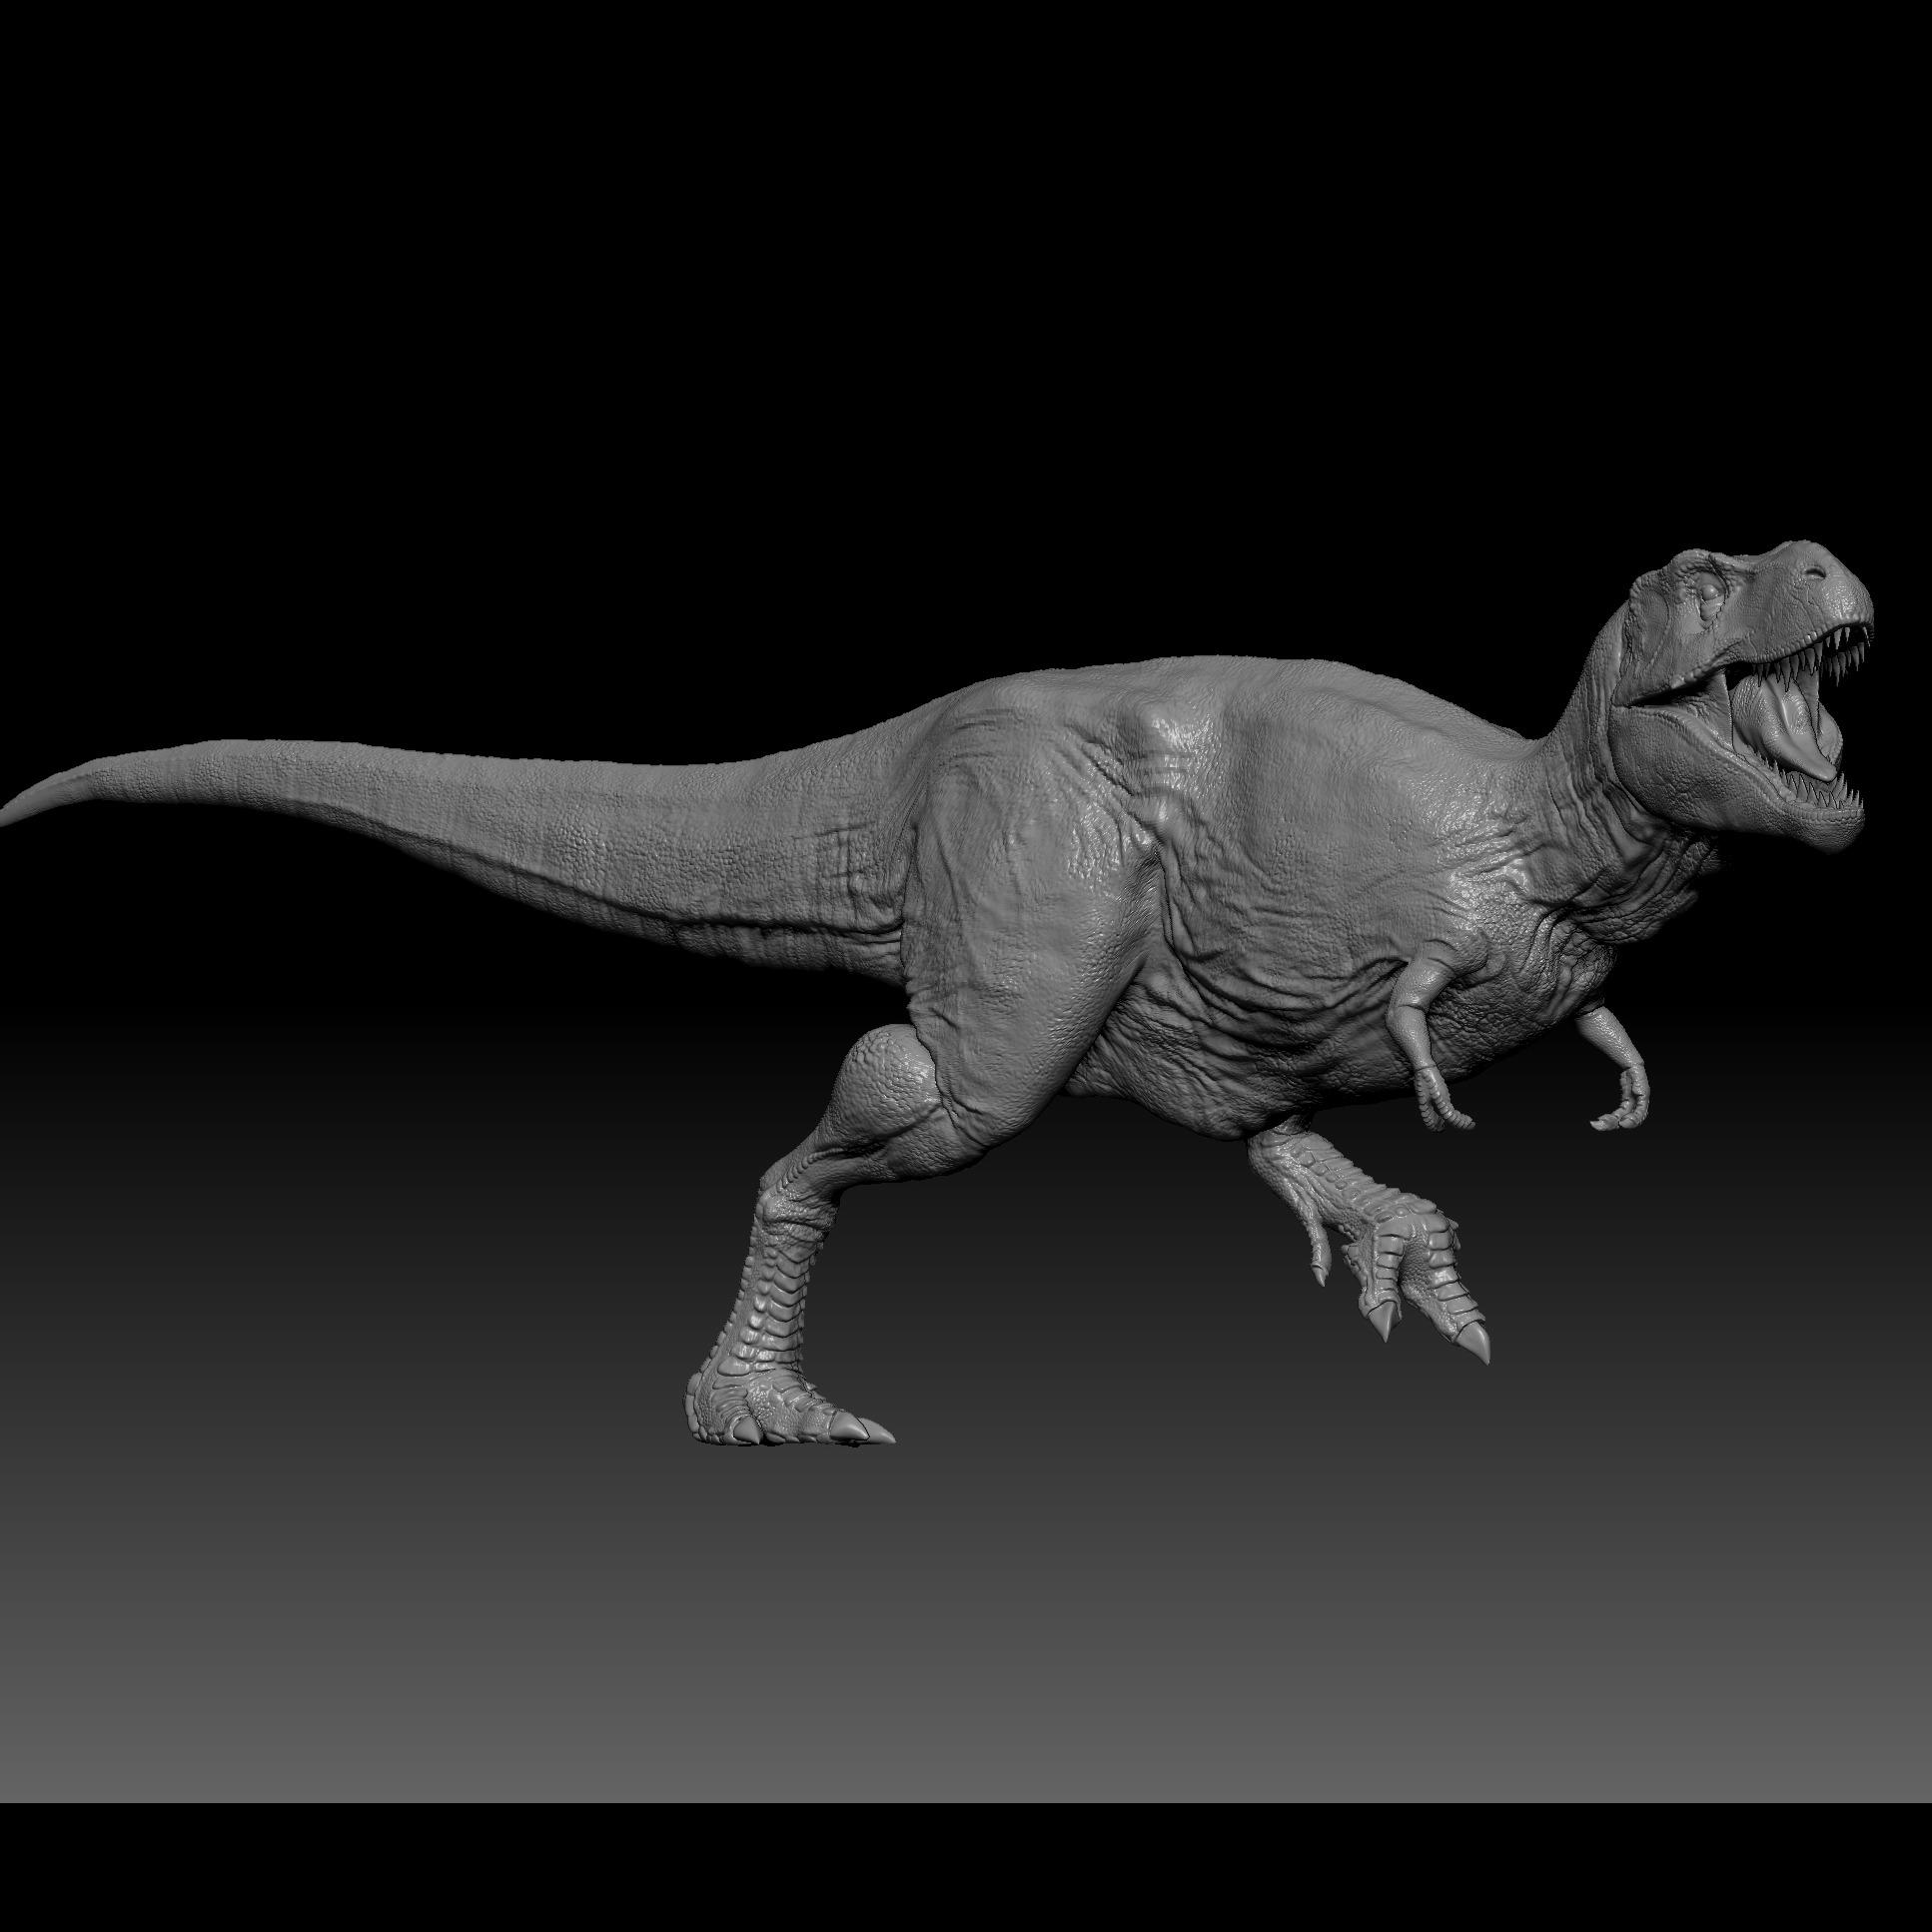 恐龙  迅龙 奇异龙 细节超级精细